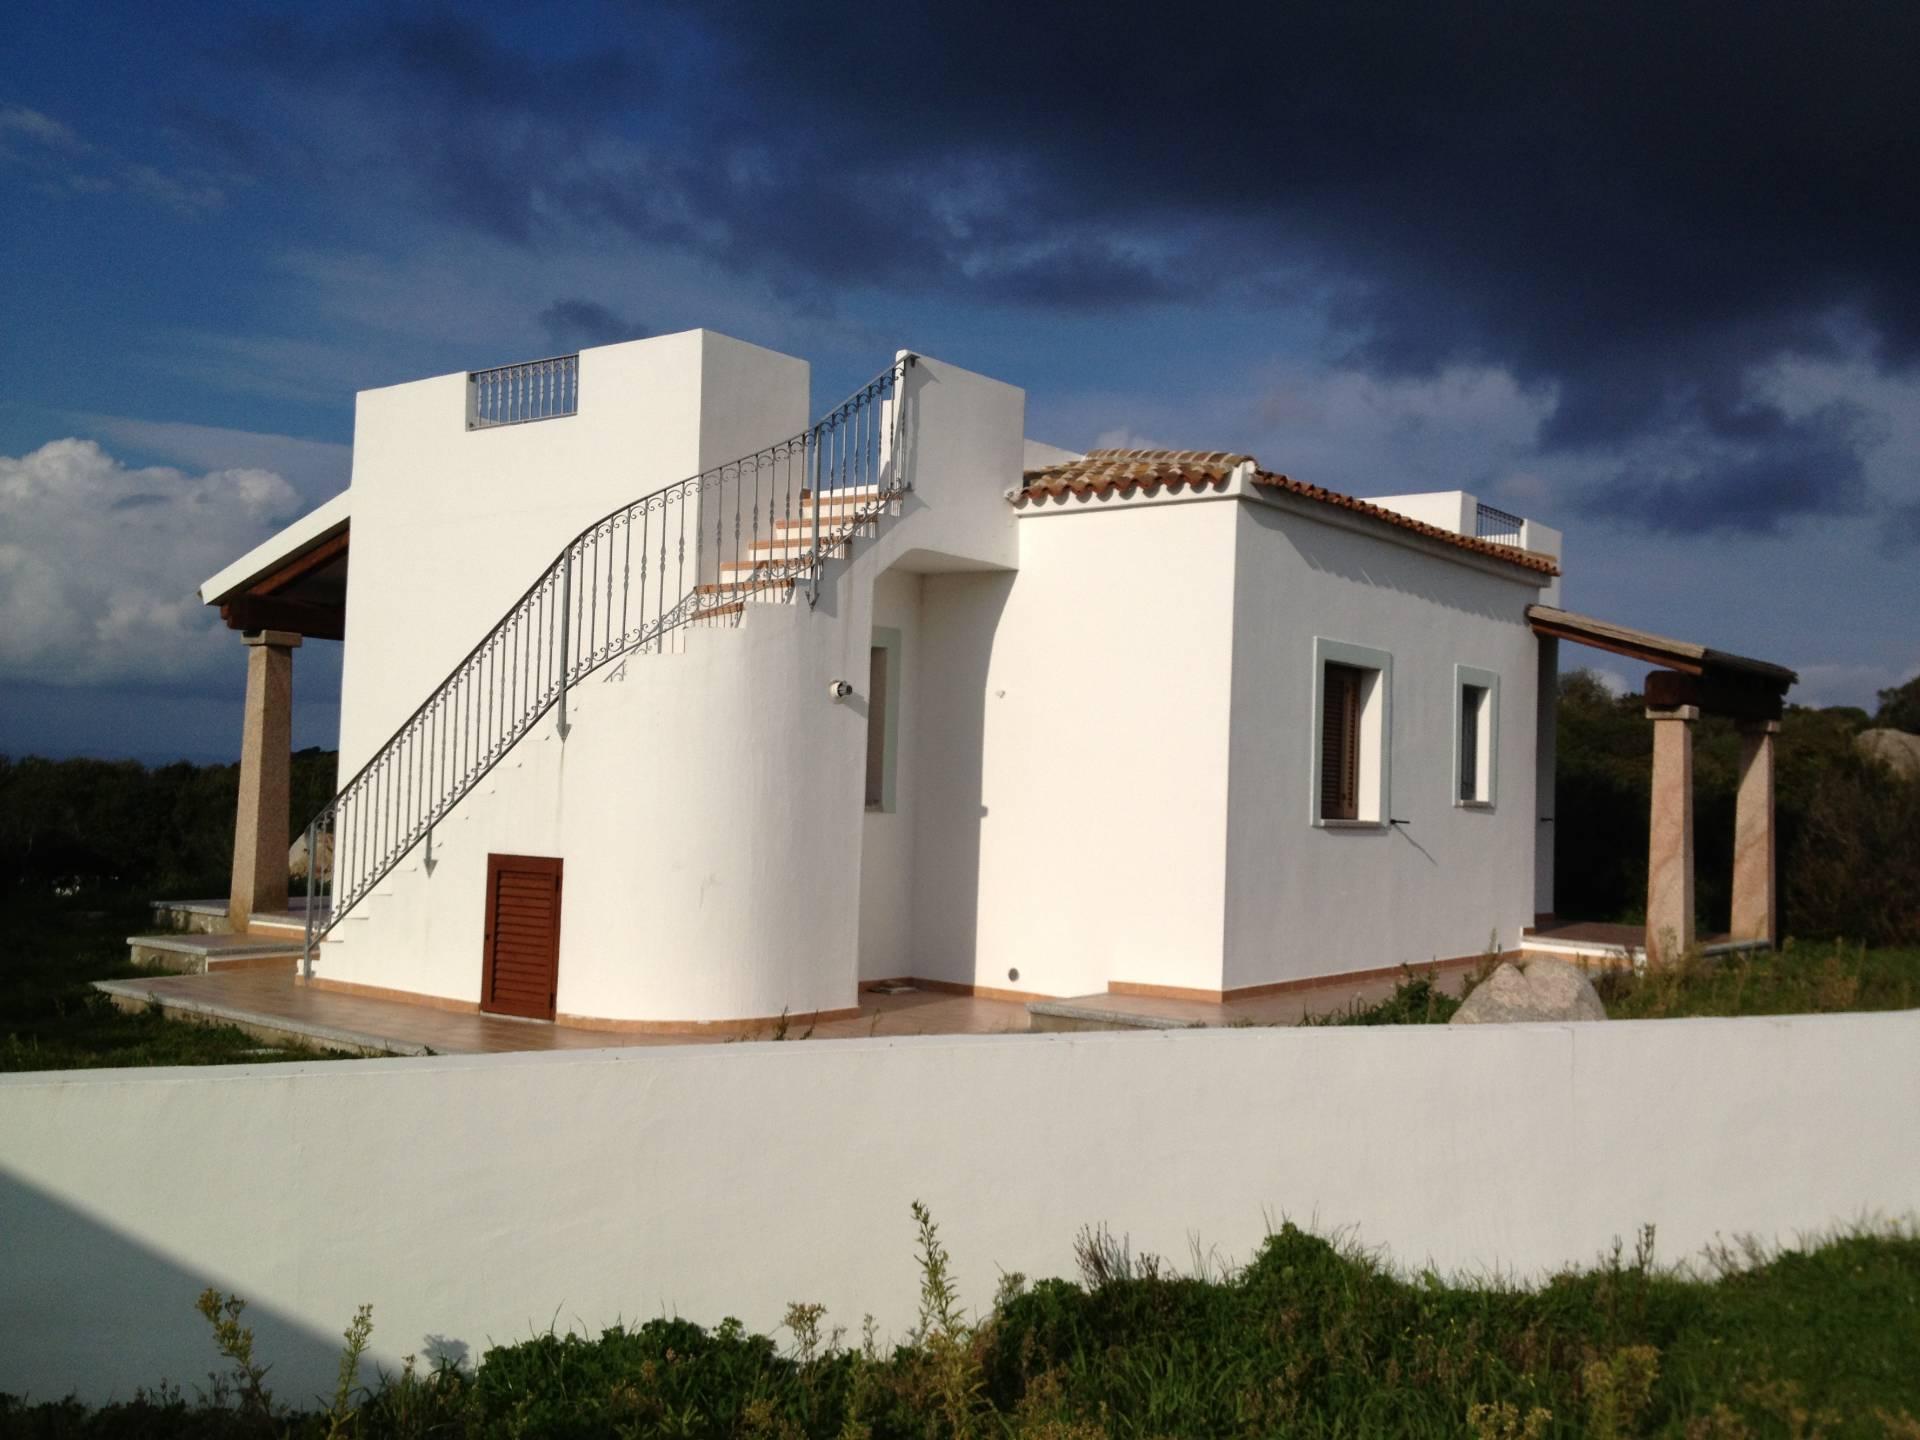 Villa in vendita a Santa Teresa Gallura, 4 locali, prezzo € 330.000 | CambioCasa.it